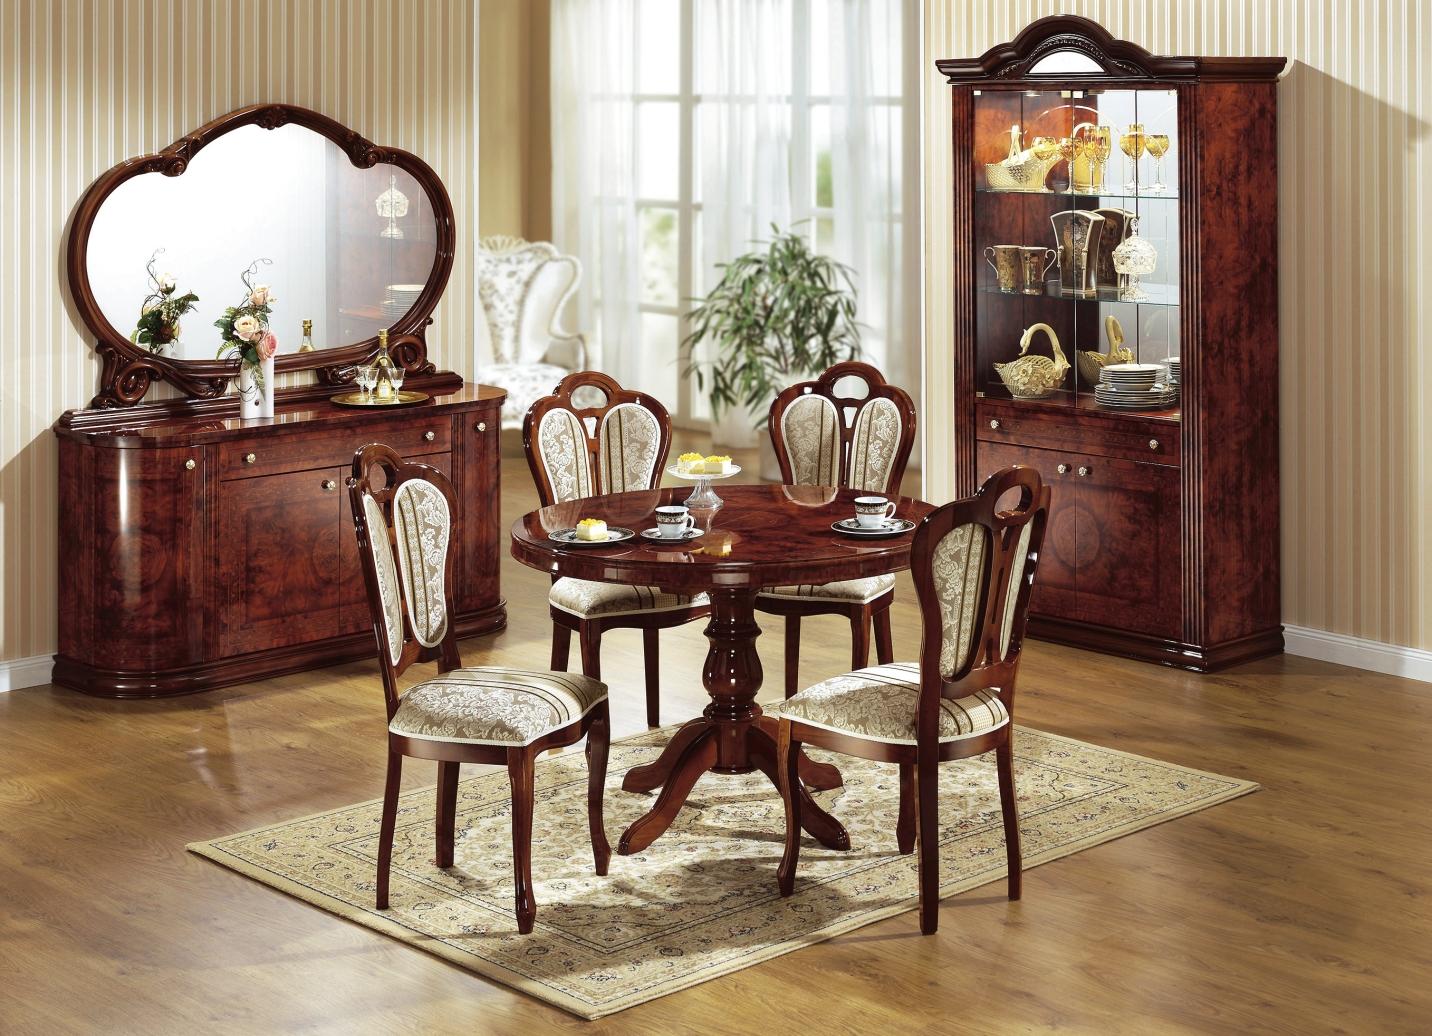 esszimmer m bel in verschiedenen ausf hrungen stilm bel bader. Black Bedroom Furniture Sets. Home Design Ideas